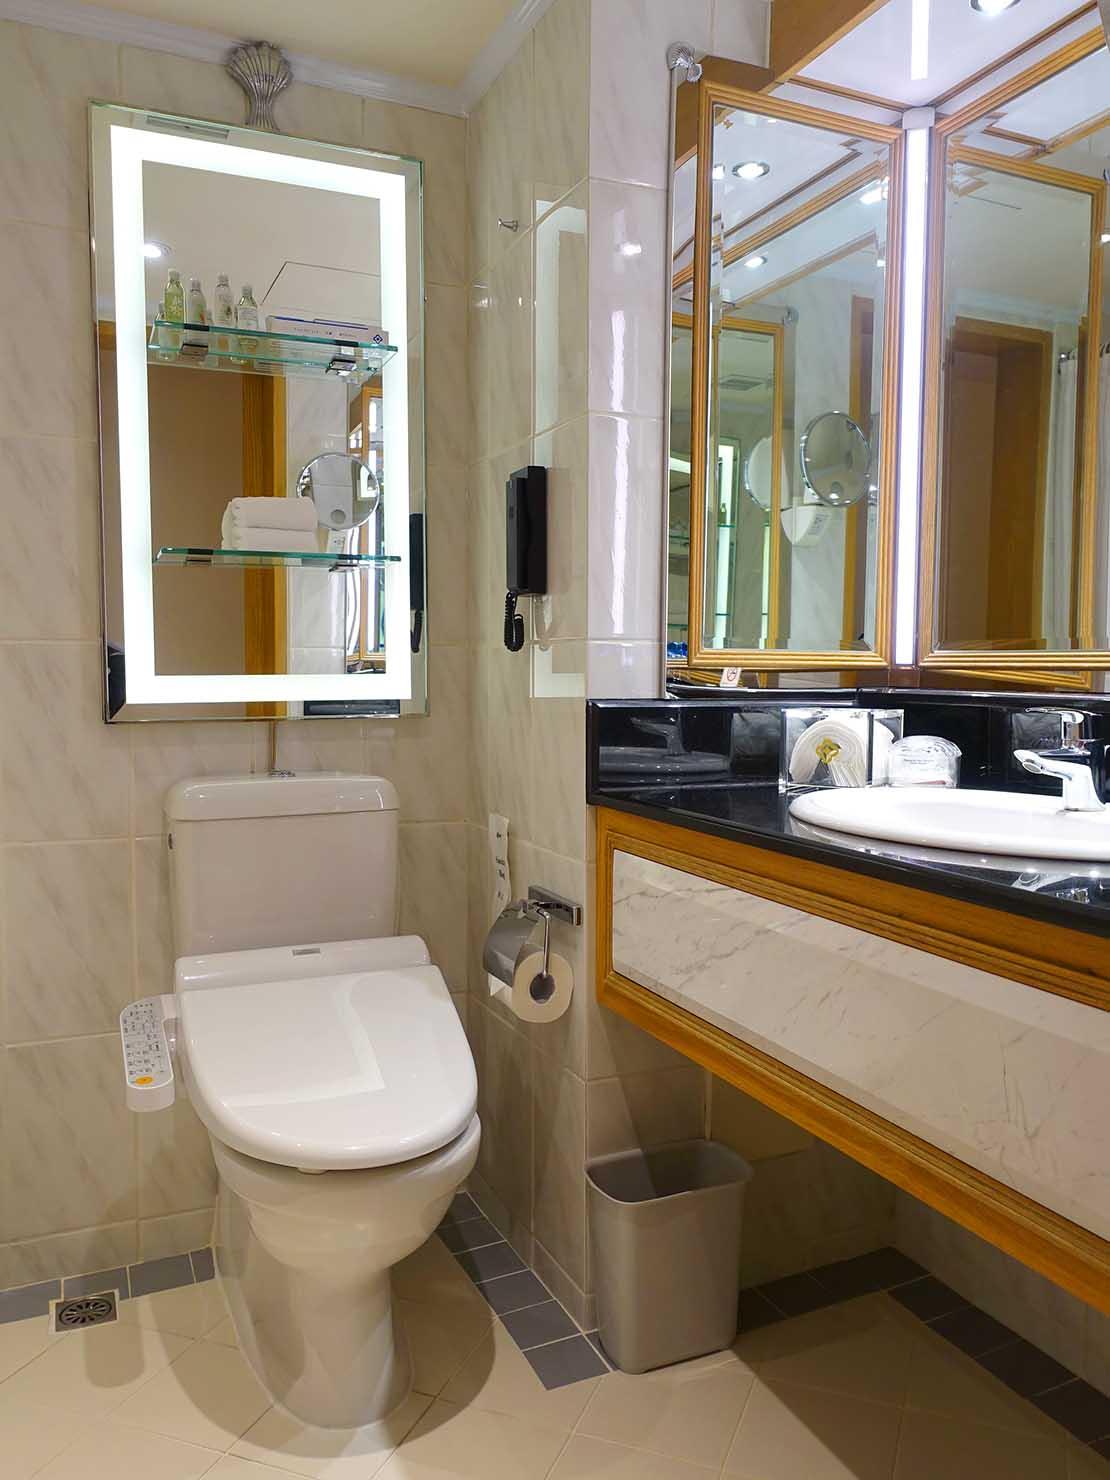 台北のおすすめ4つ星ホテル「歐華酒店(リビエラホテル)」エグゼクティブダブルのバスルーム